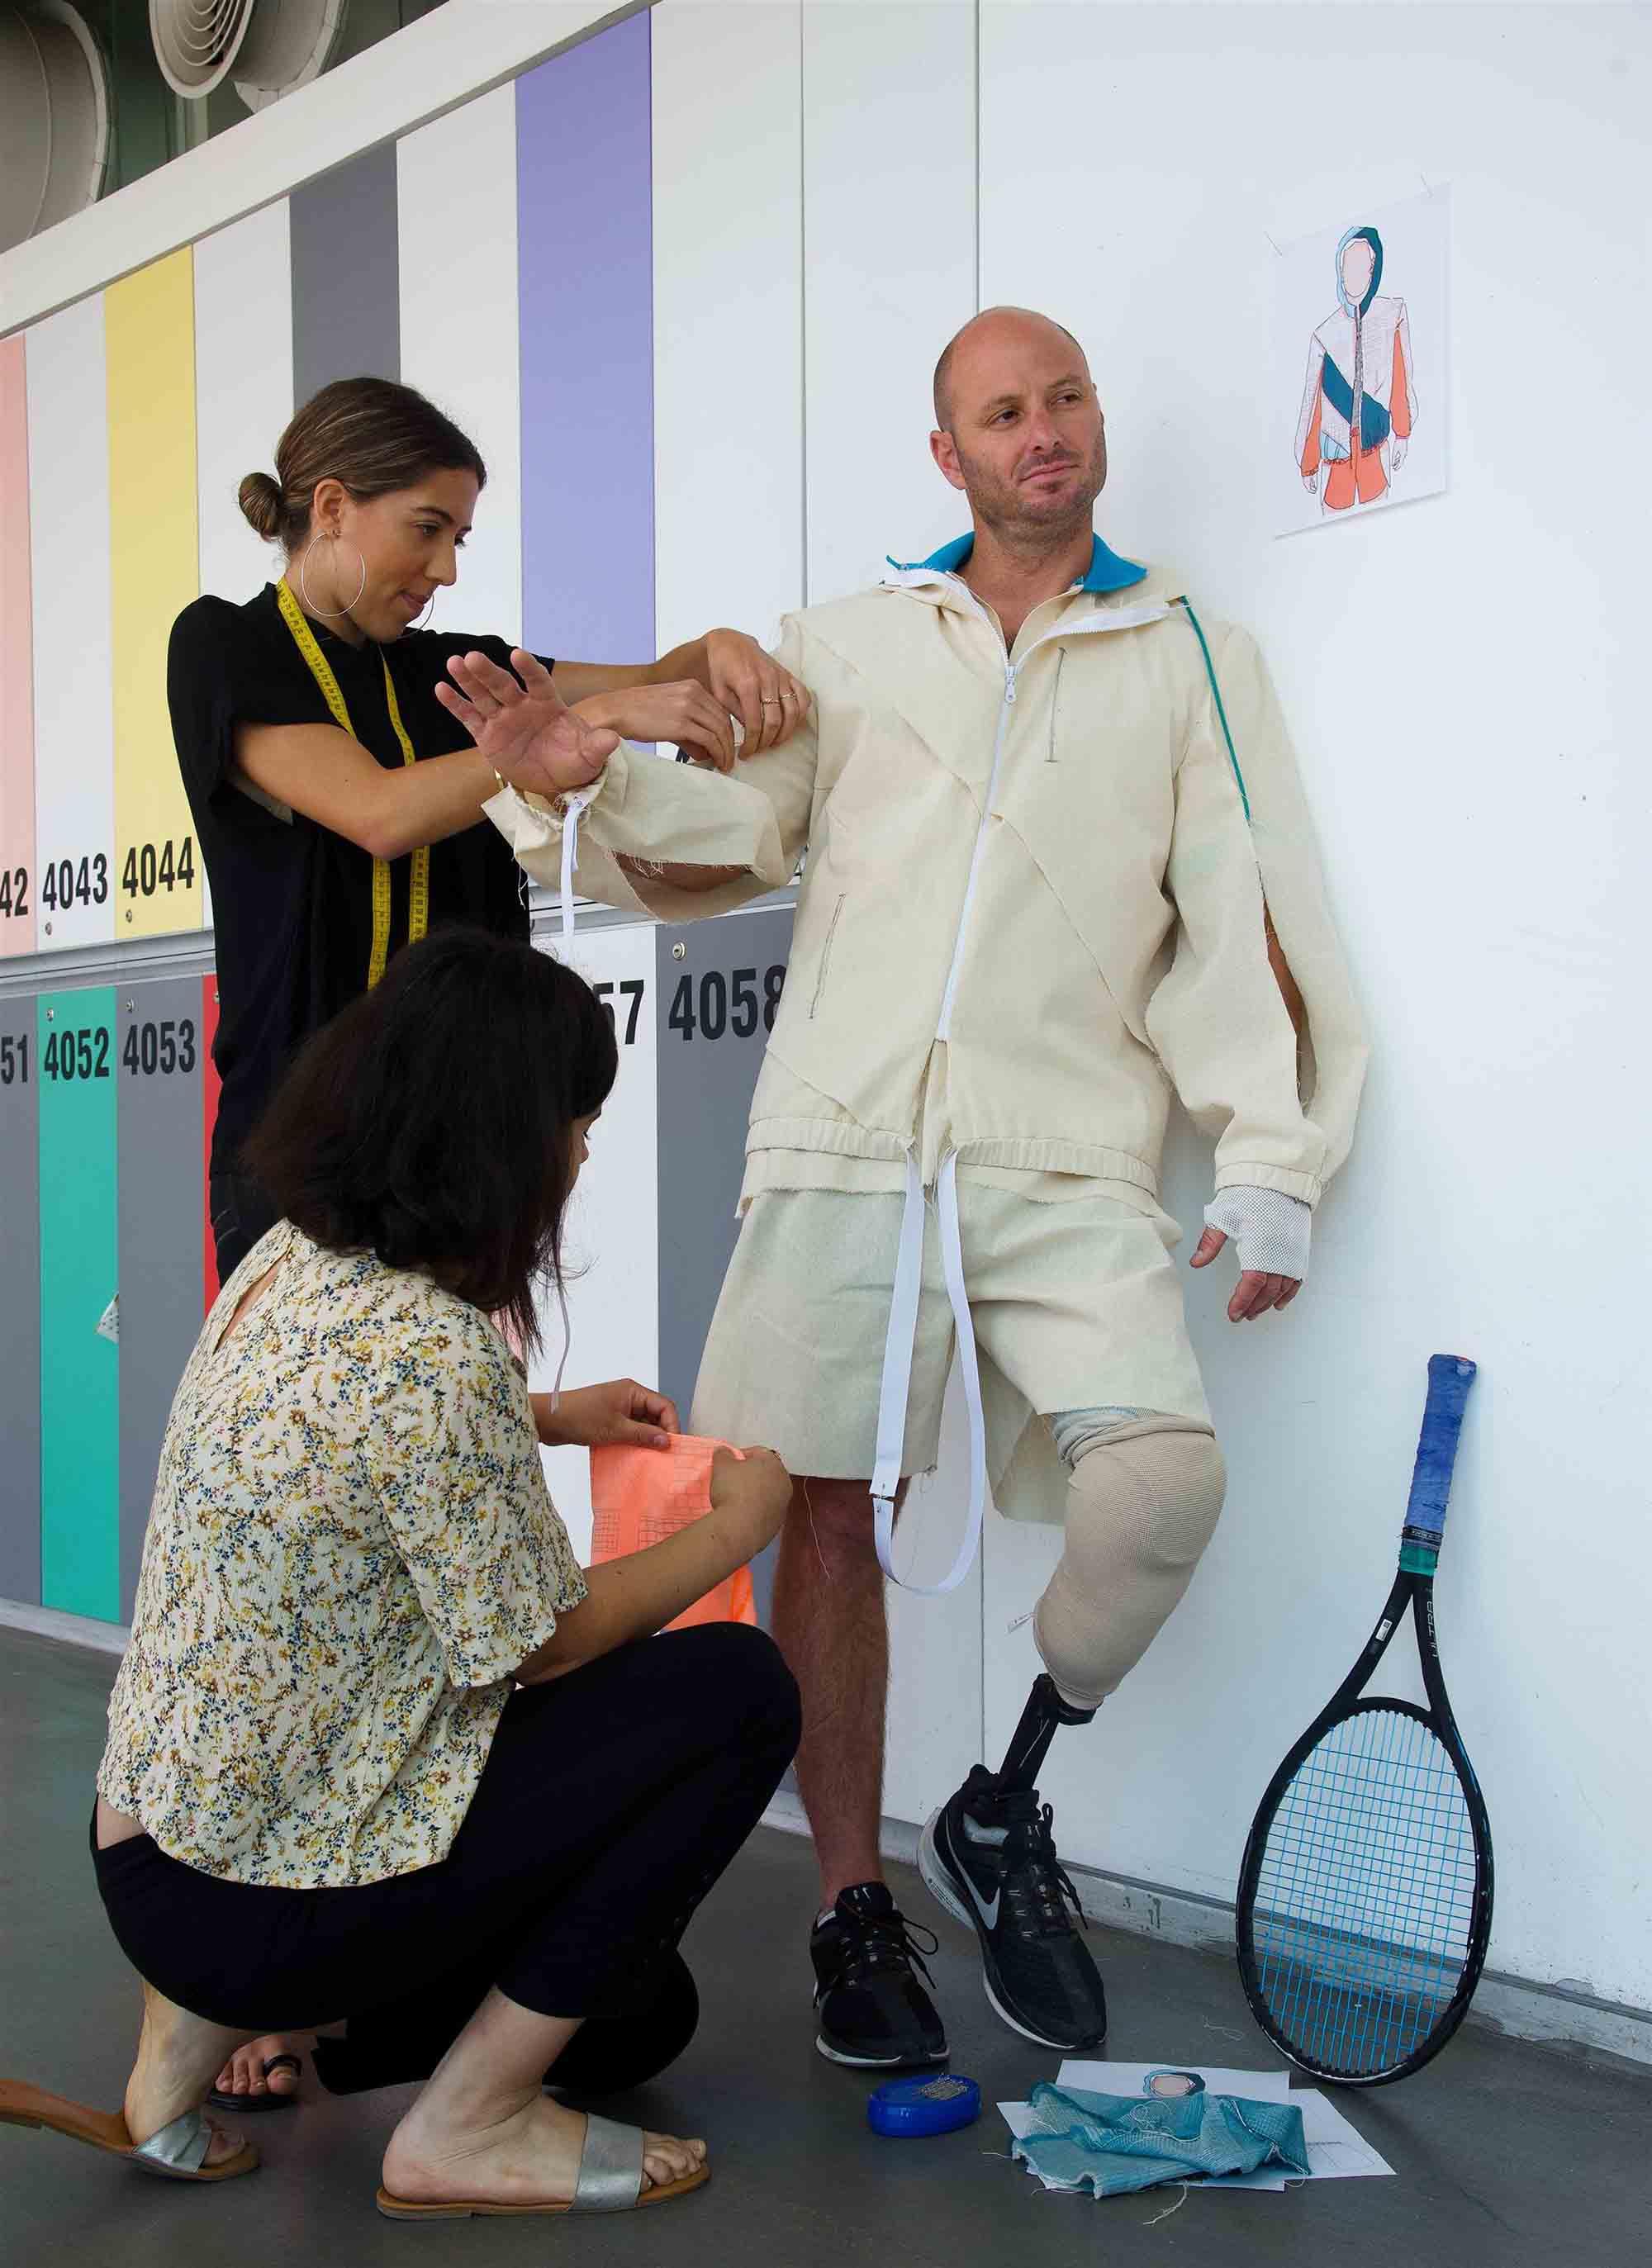 טניס כסאות גלגלים. הטנסאי אדם ברדצ'בסקי. שנקר: נועה גולדפדן ומיתר חכם, עיצוב אופנה